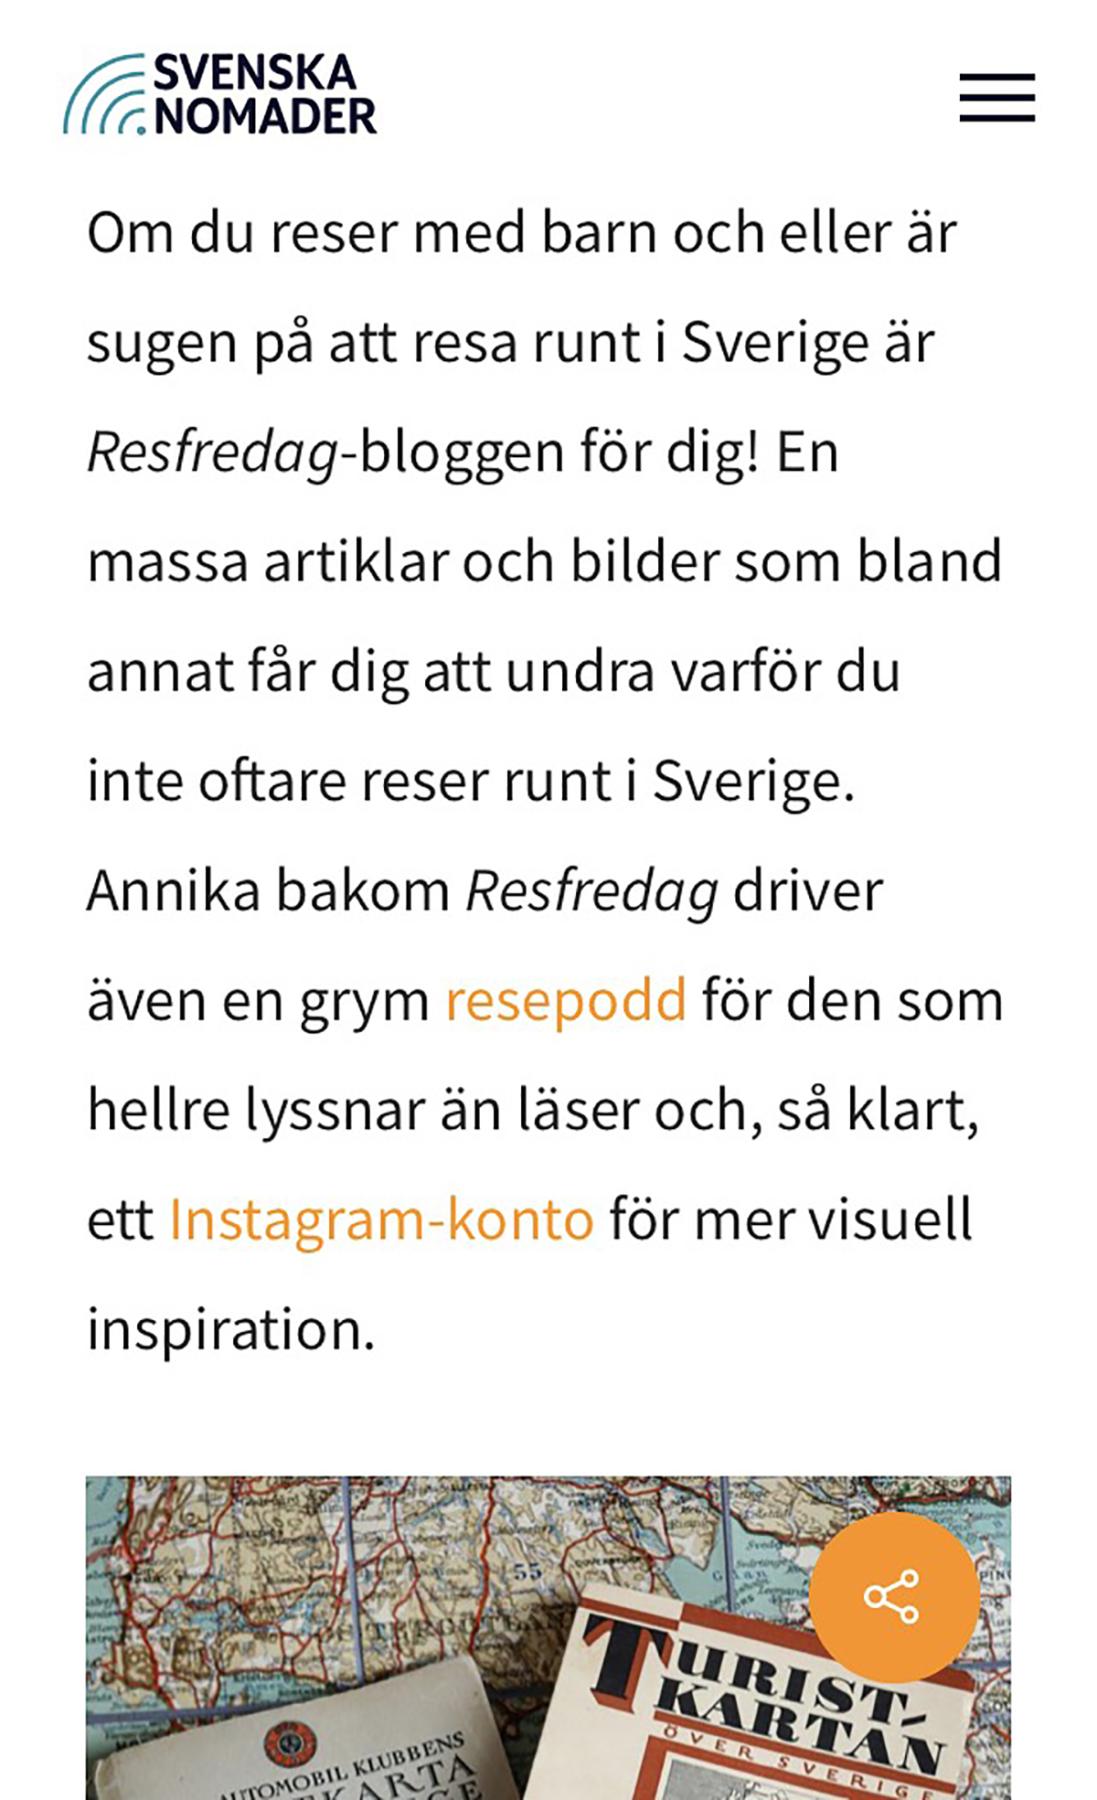 Sveriges bästa reseblogg 2018 Resfredag